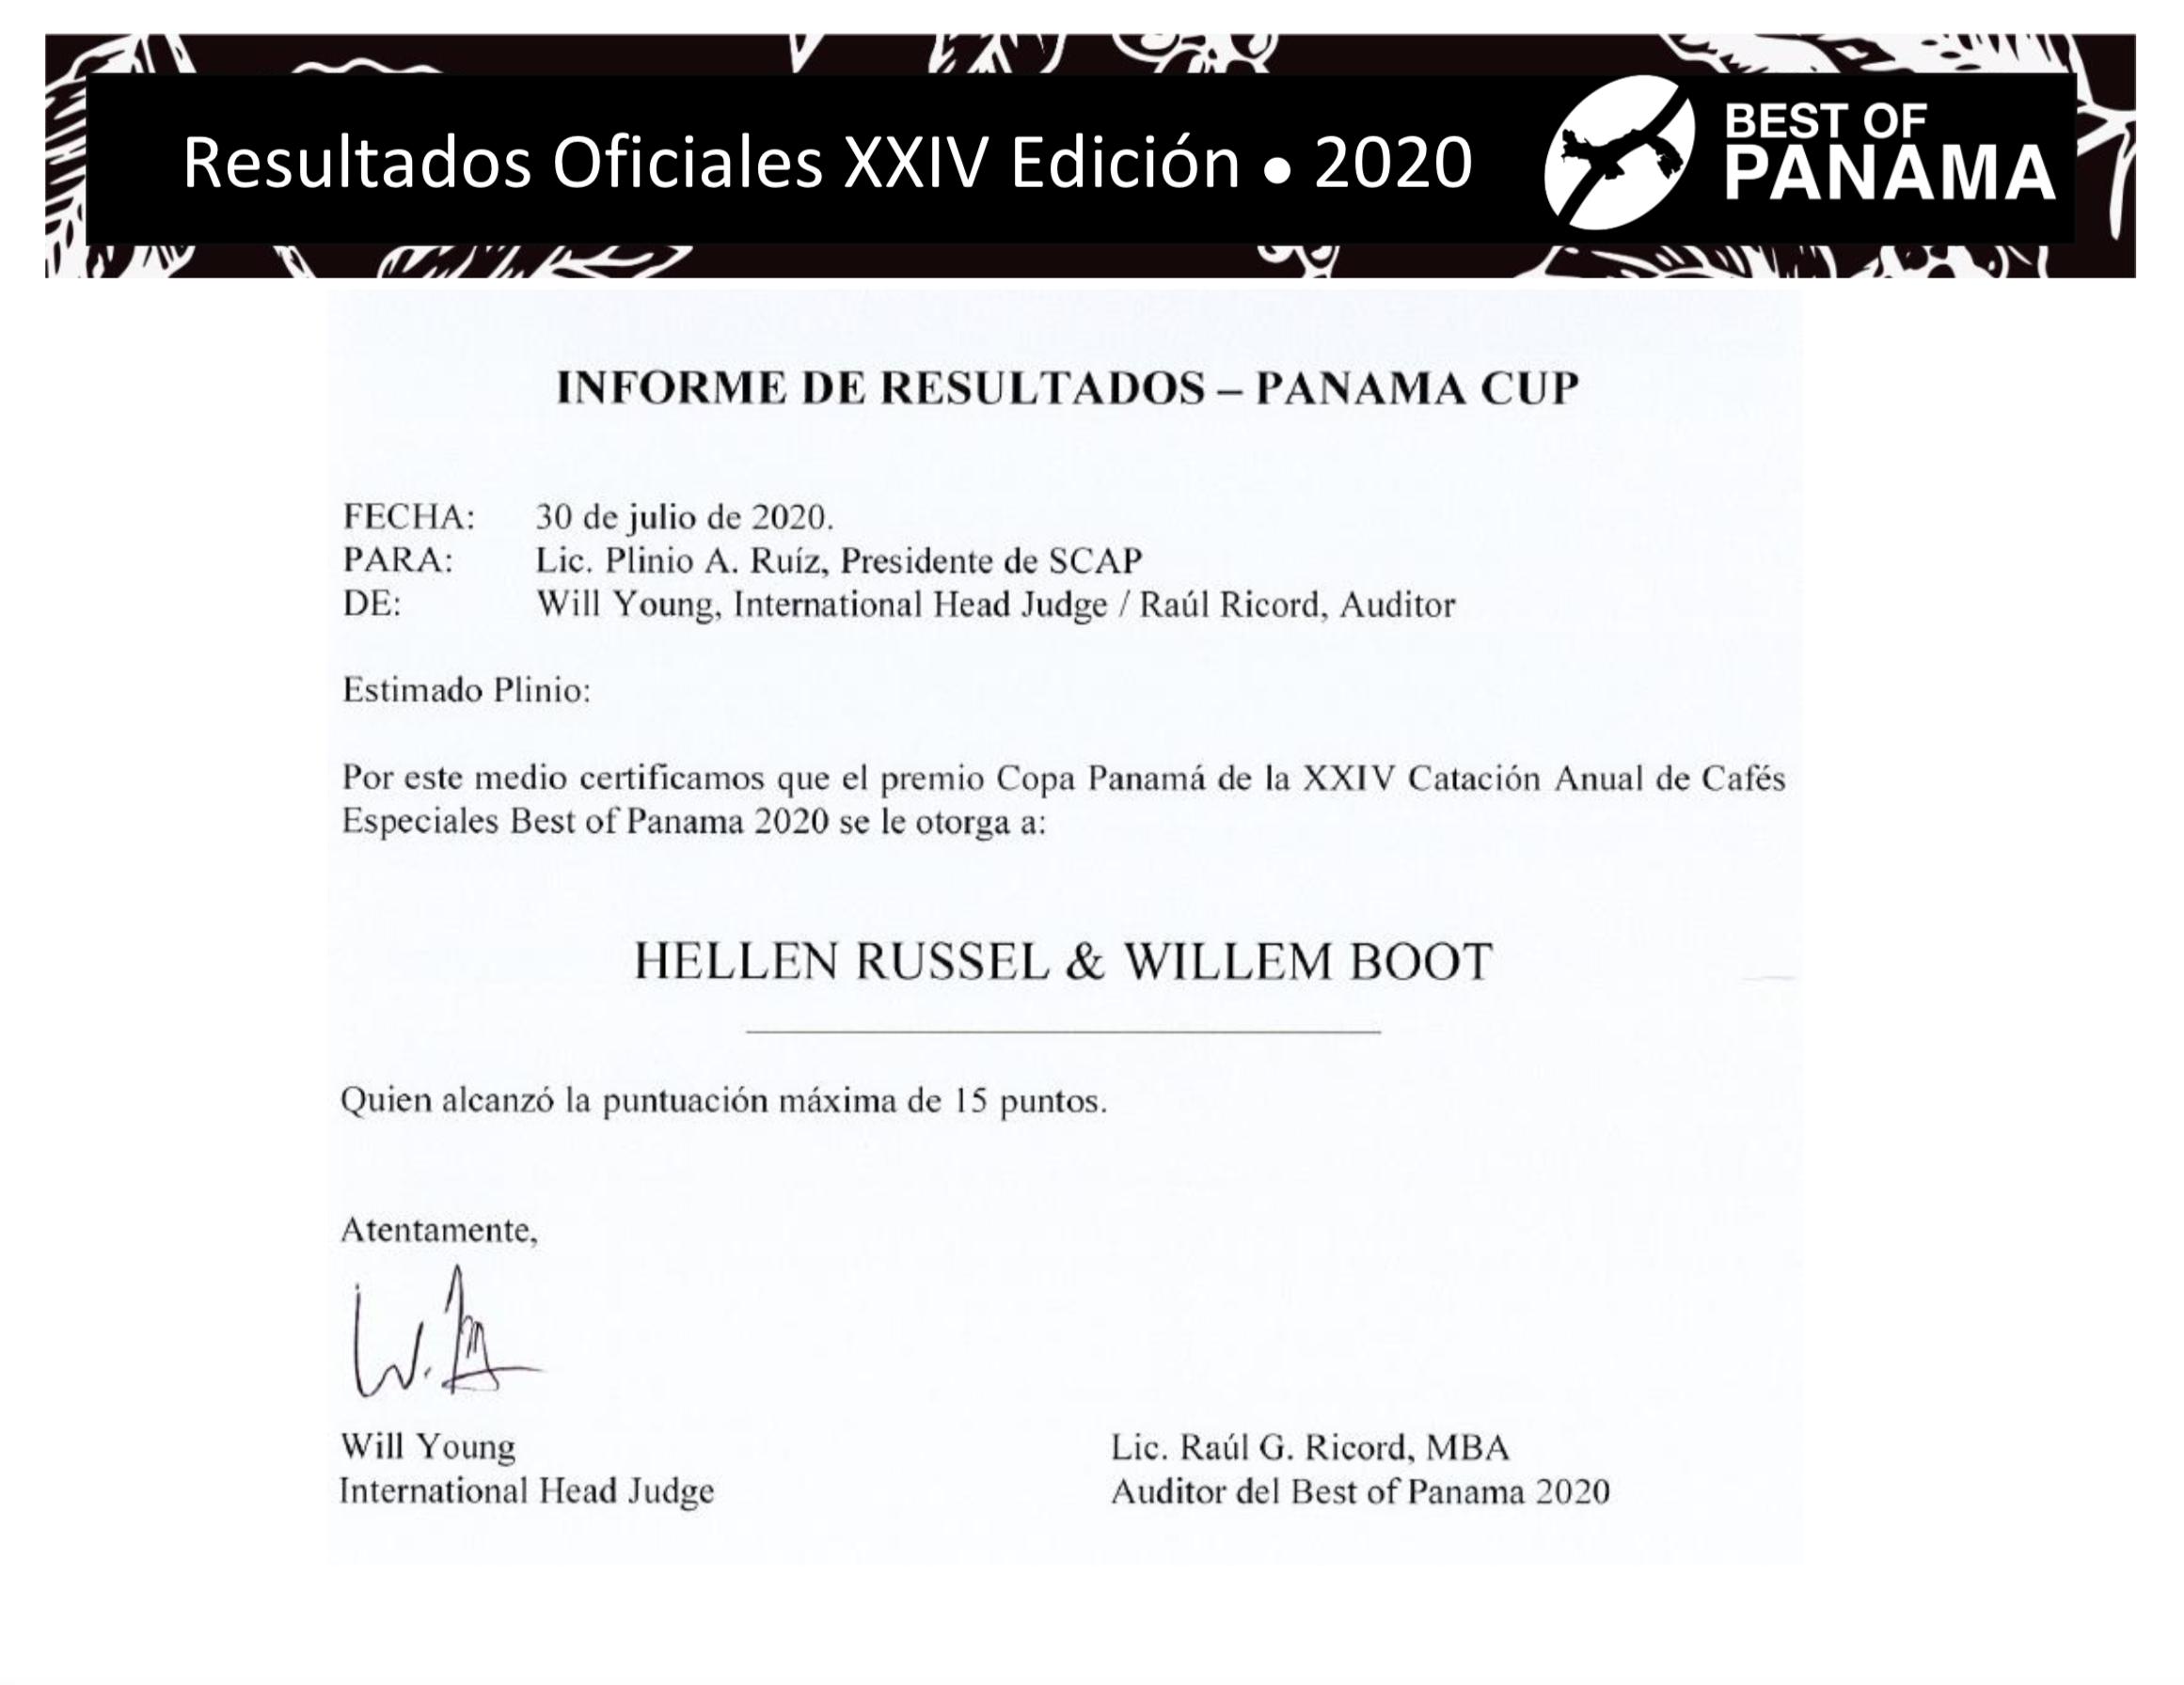 RESULTADOS OFICIALES DE LA XXIV EDICION DEL BEST OF PANAMA